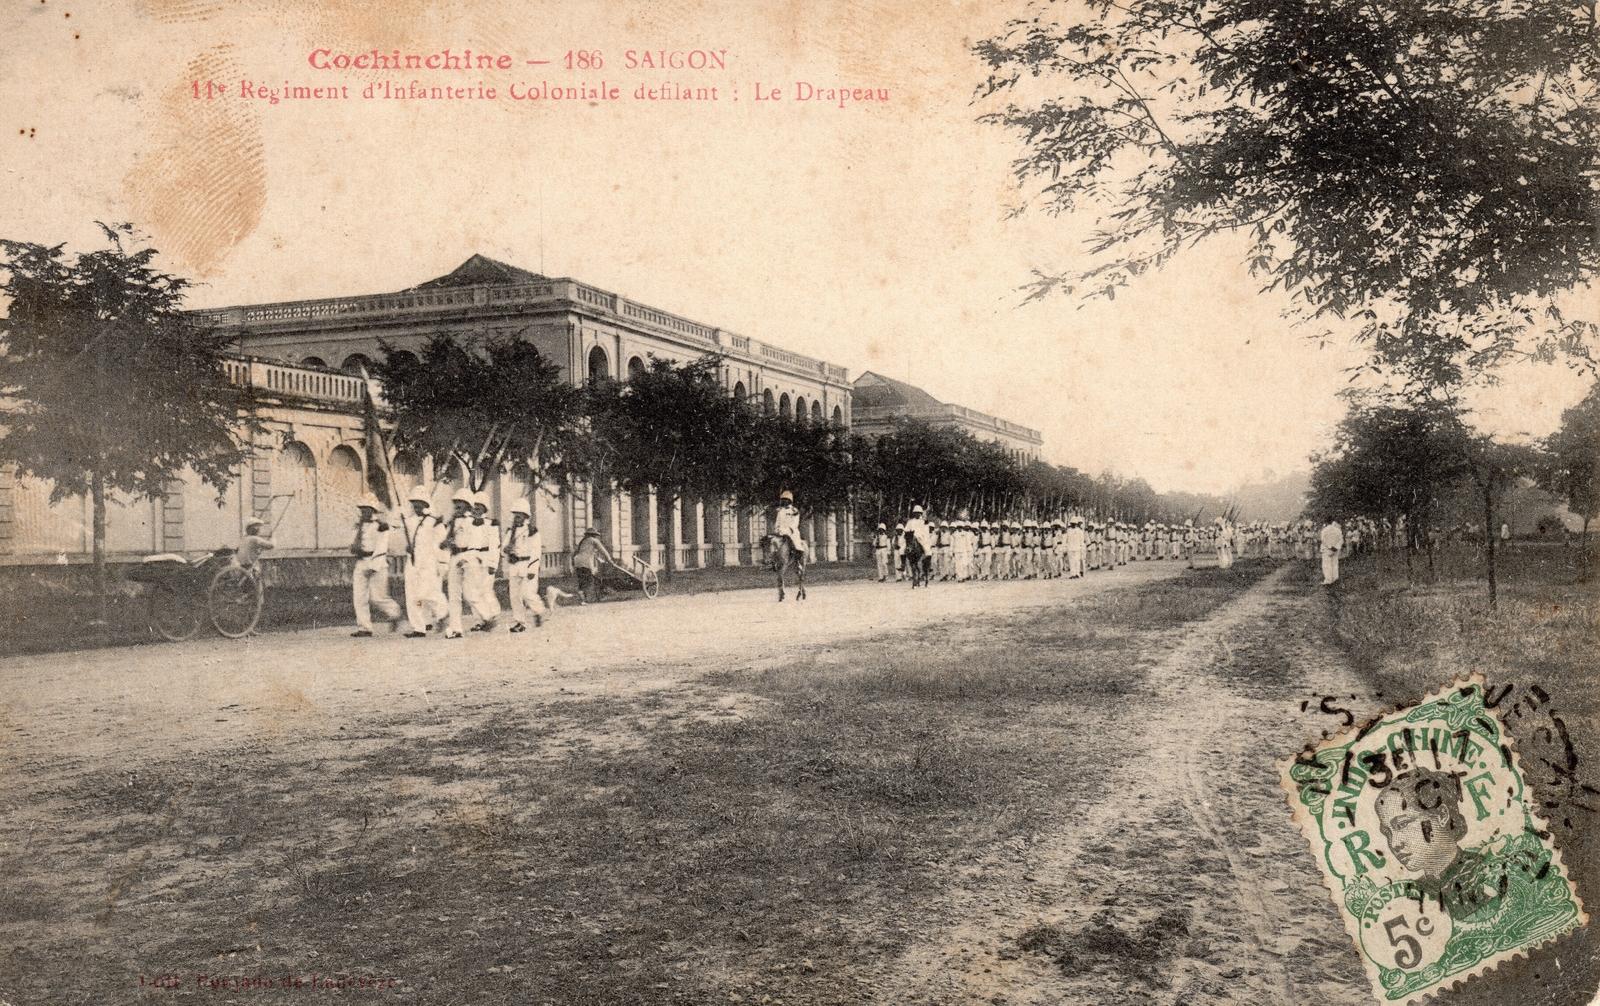 Saïgon -  COCHINCHINE-Saïgon-11è Régiment de l'Infanterie Coloniale défilant-Le Drapeau